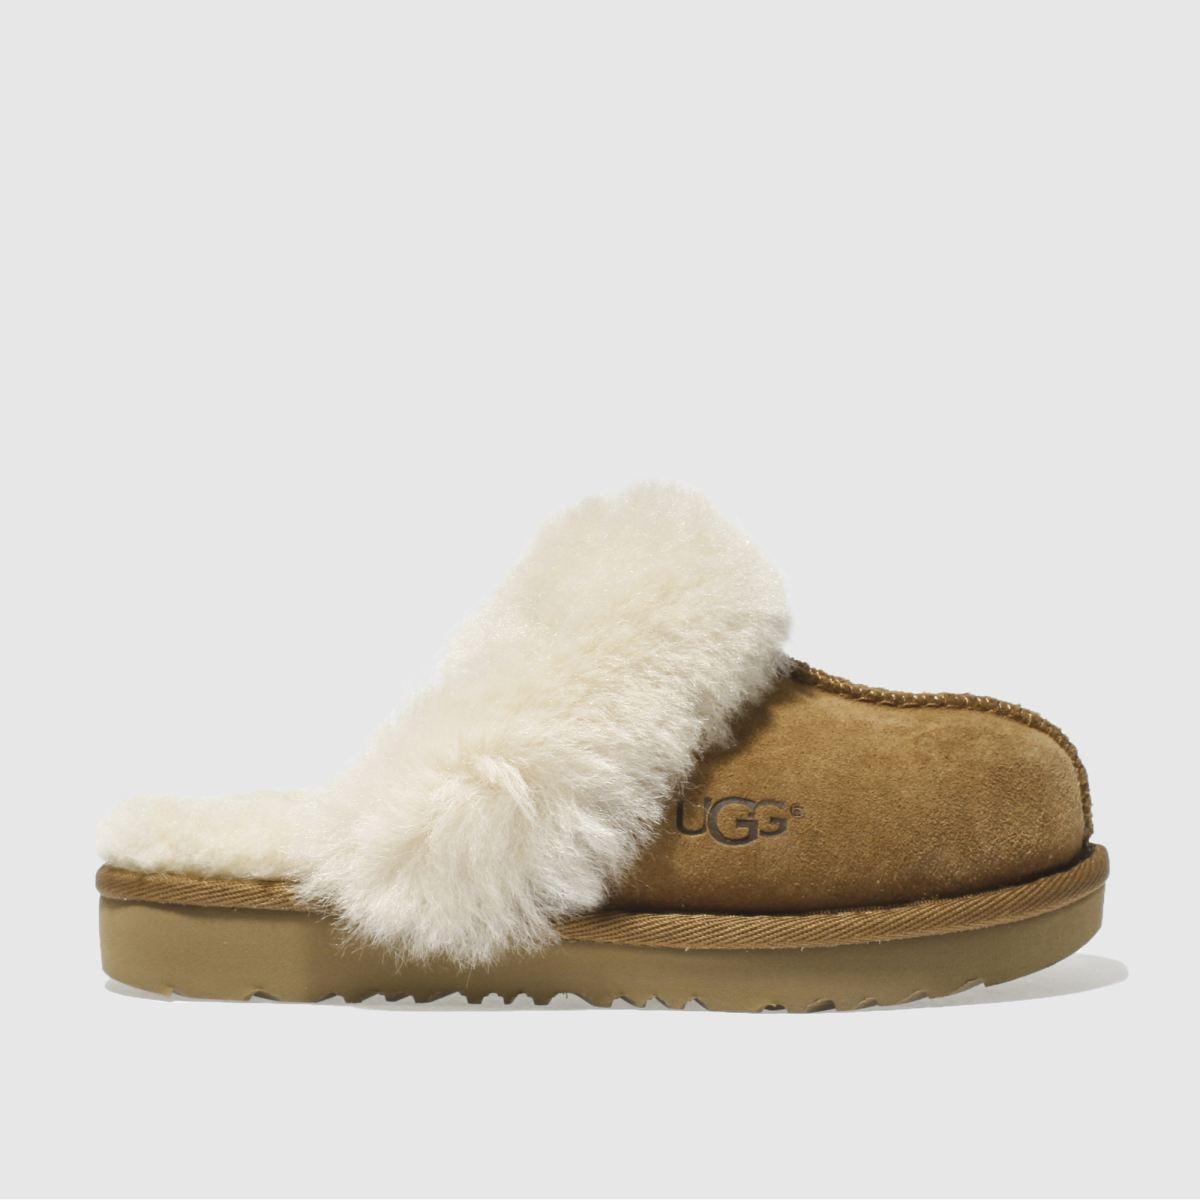 UGG Tan Cozy Ii Slippers Junior | UK 10